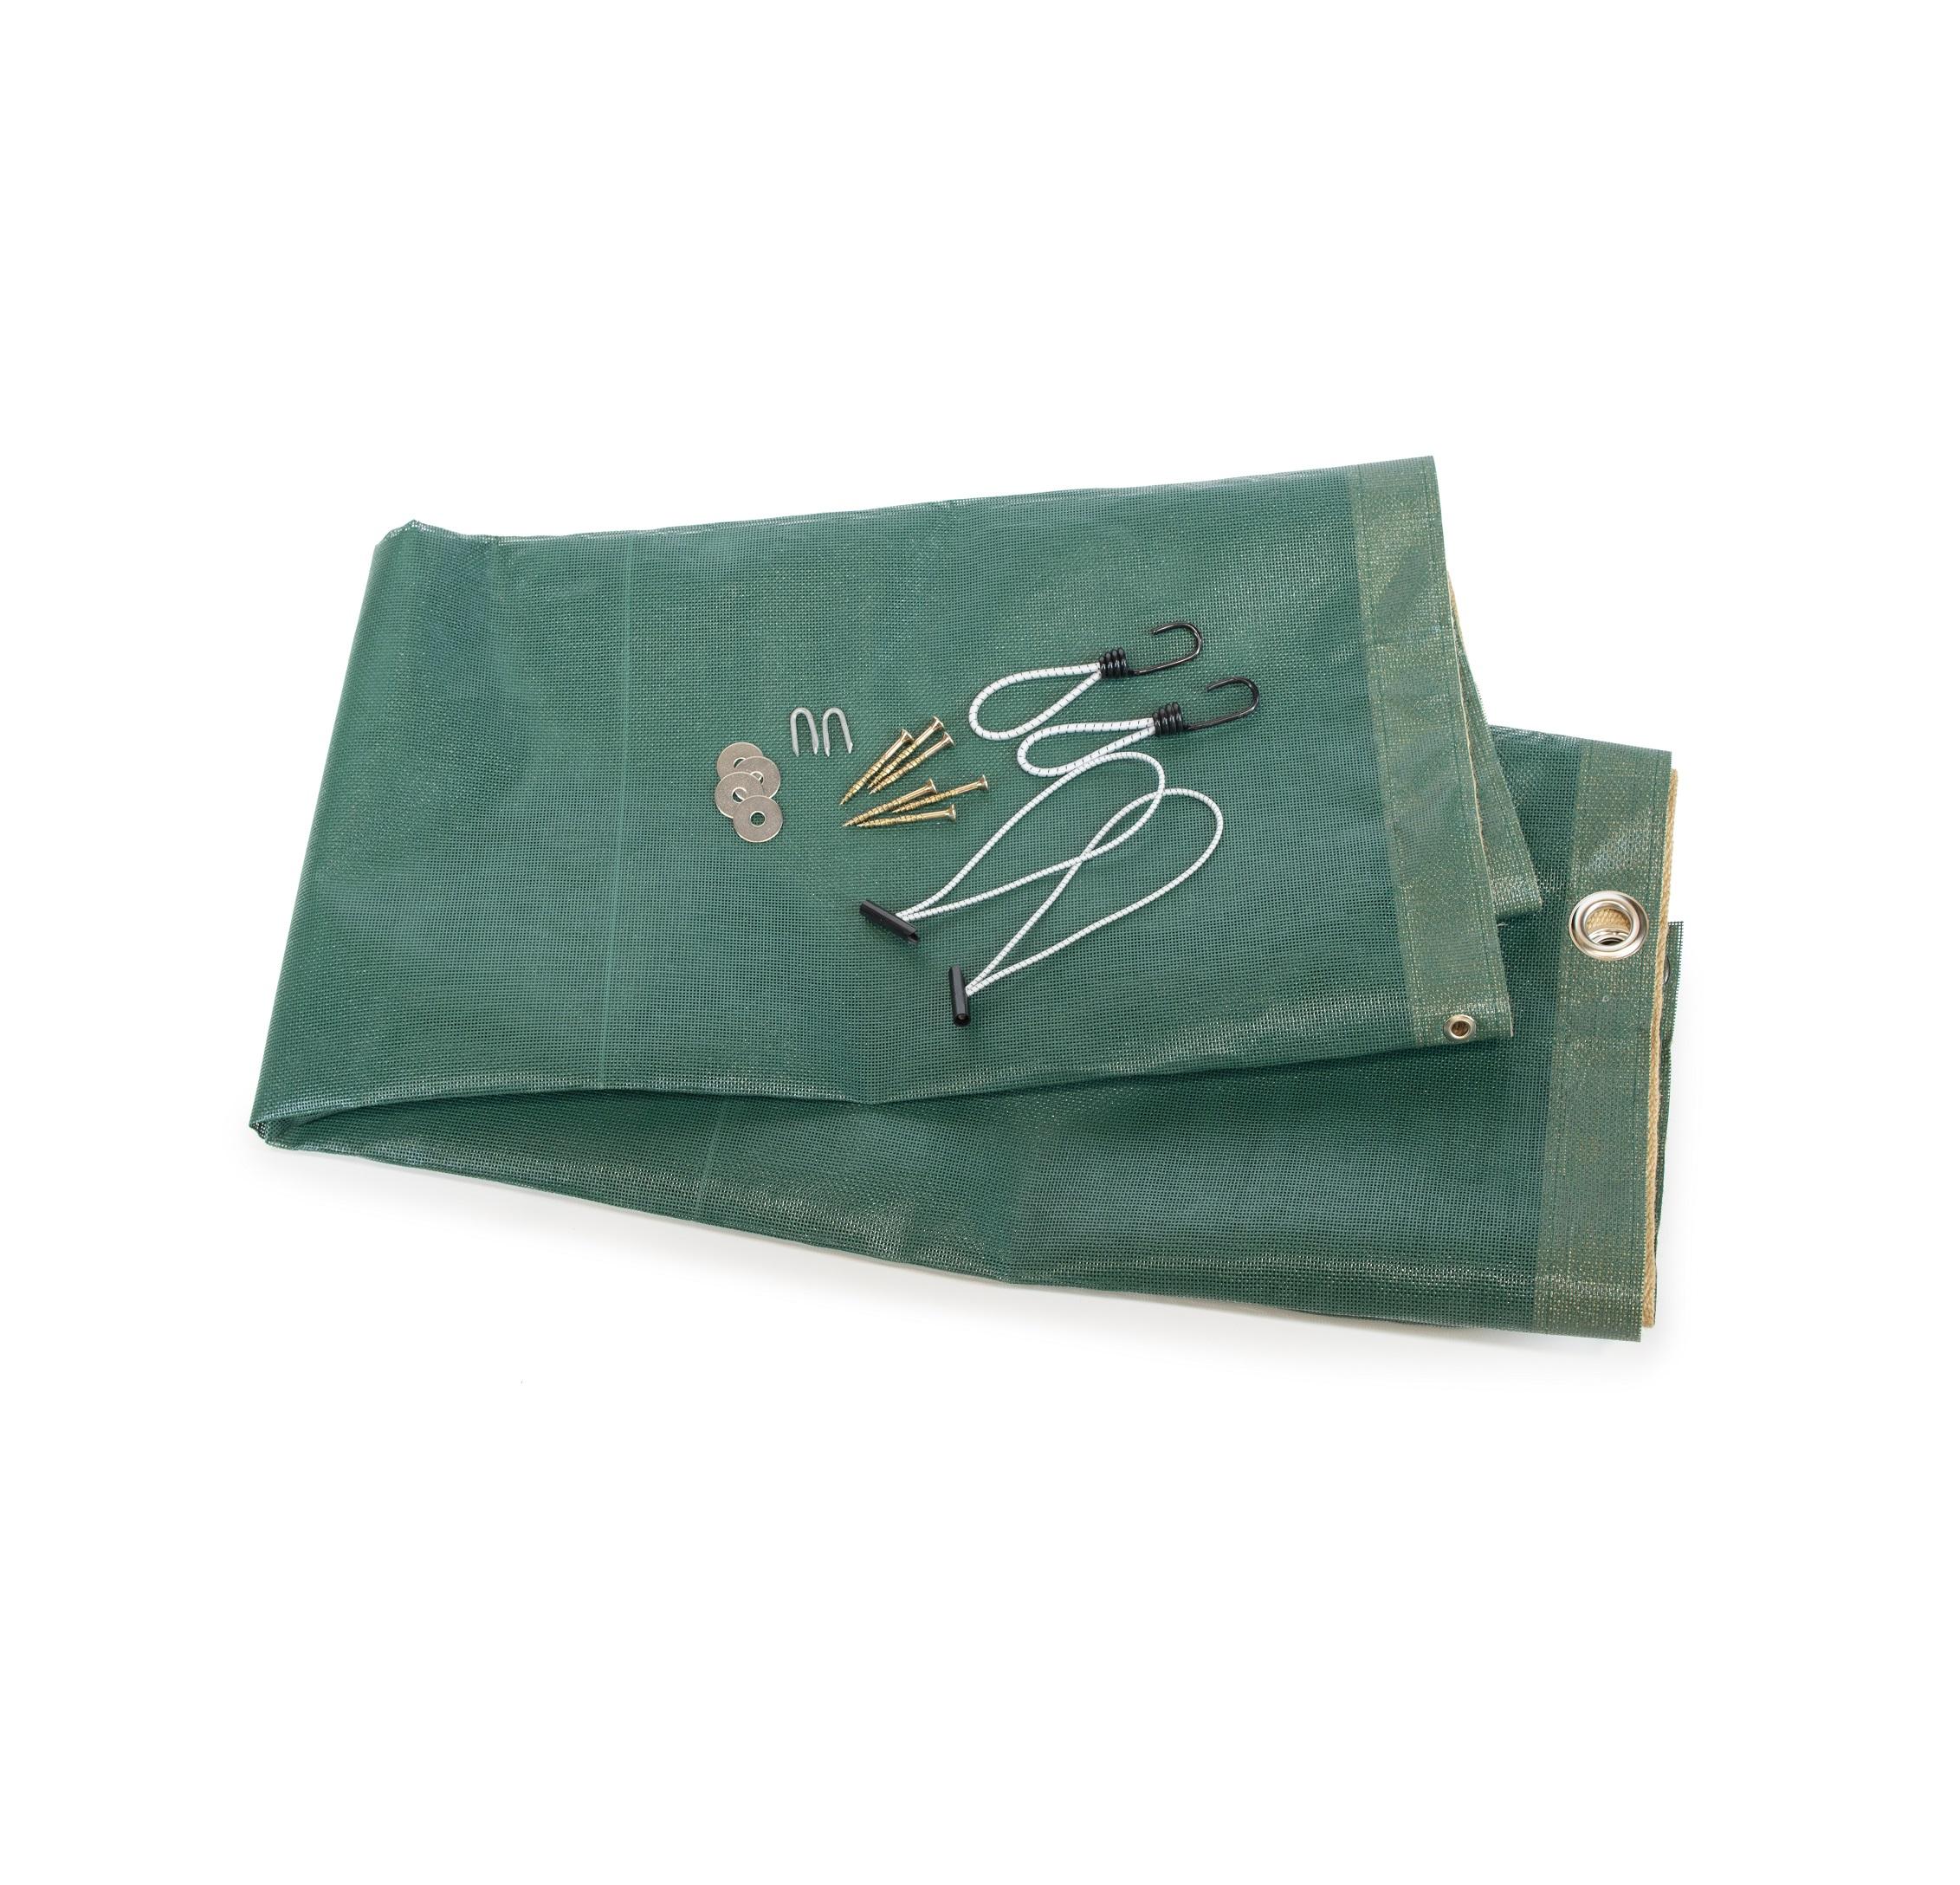 Bespoke Rain Shield Kit